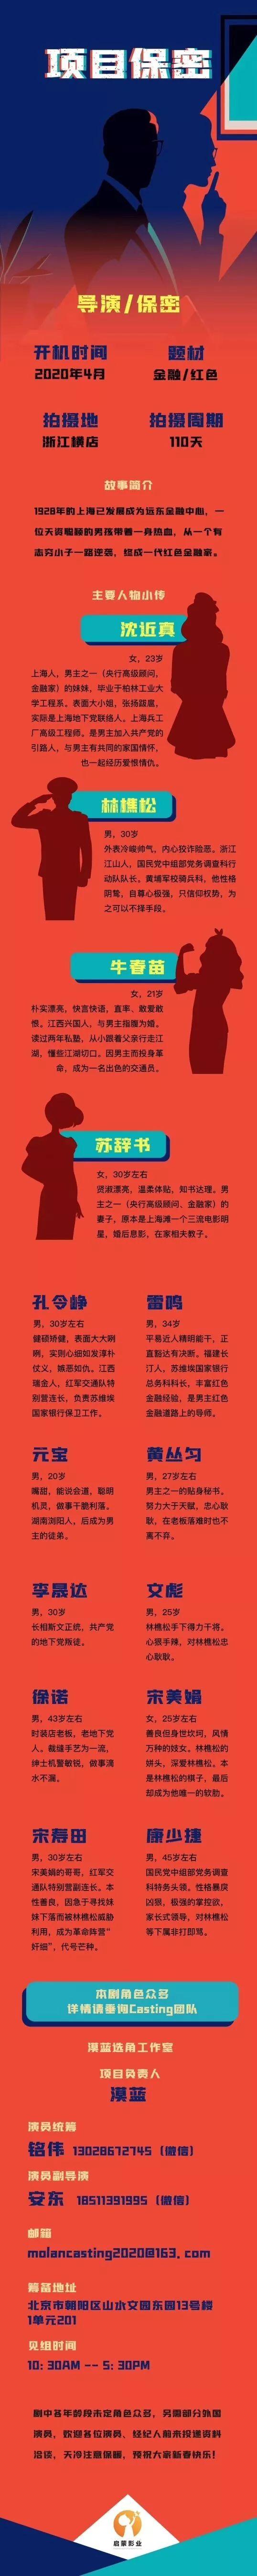 1/14组讯 | 红色金融电视剧、民国爱情剧《半城明媚半城雨》等